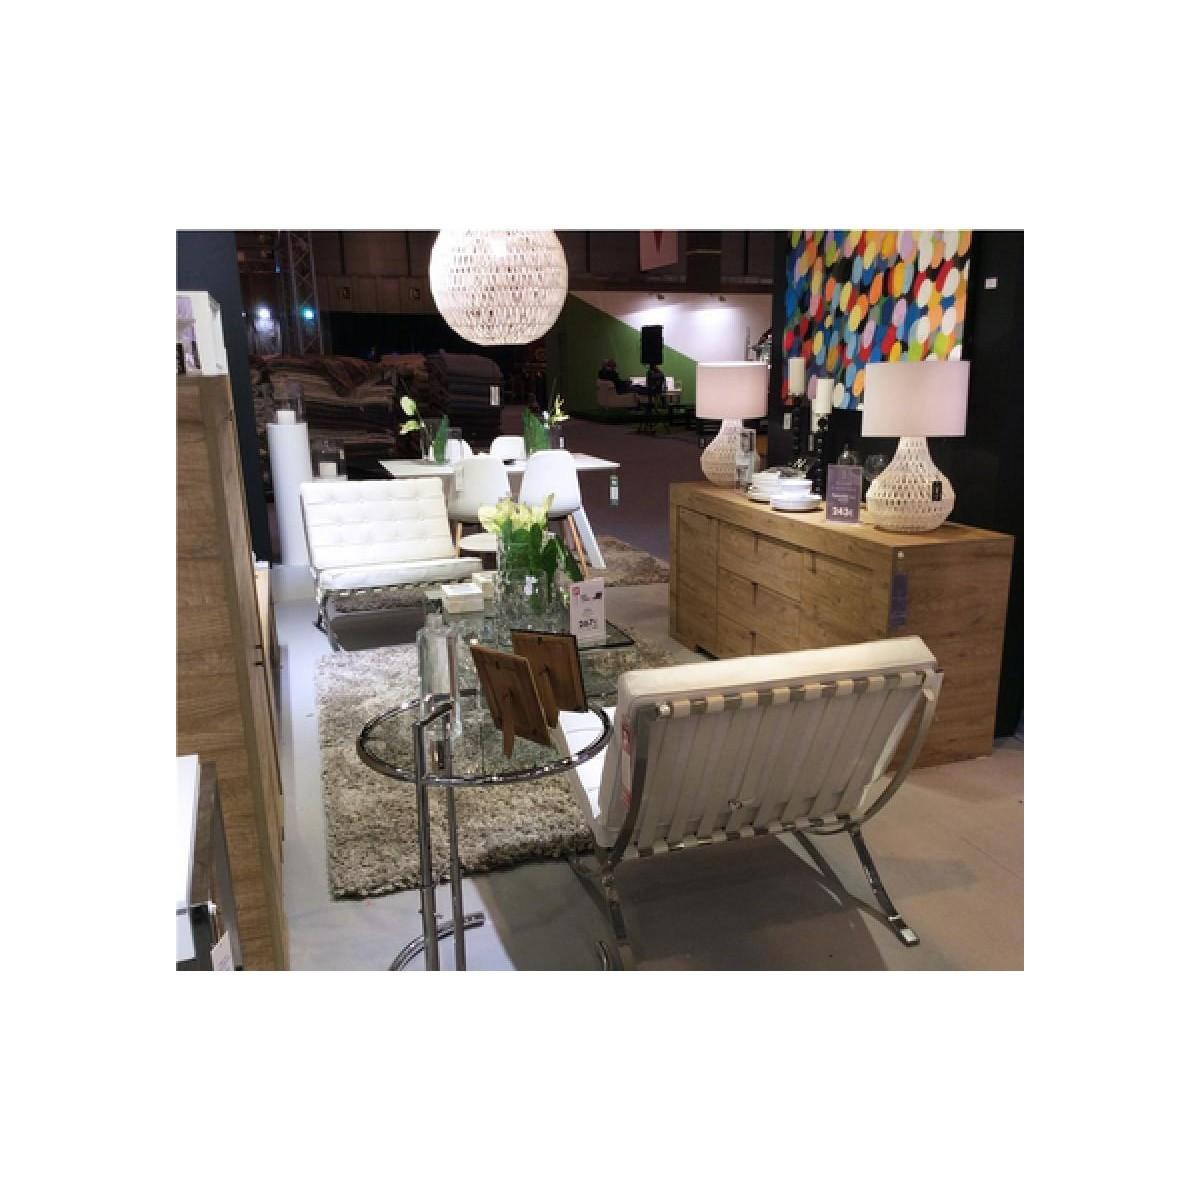 Mesa auxiliar moderna monocle de camino a casa for Camino a casa muebles